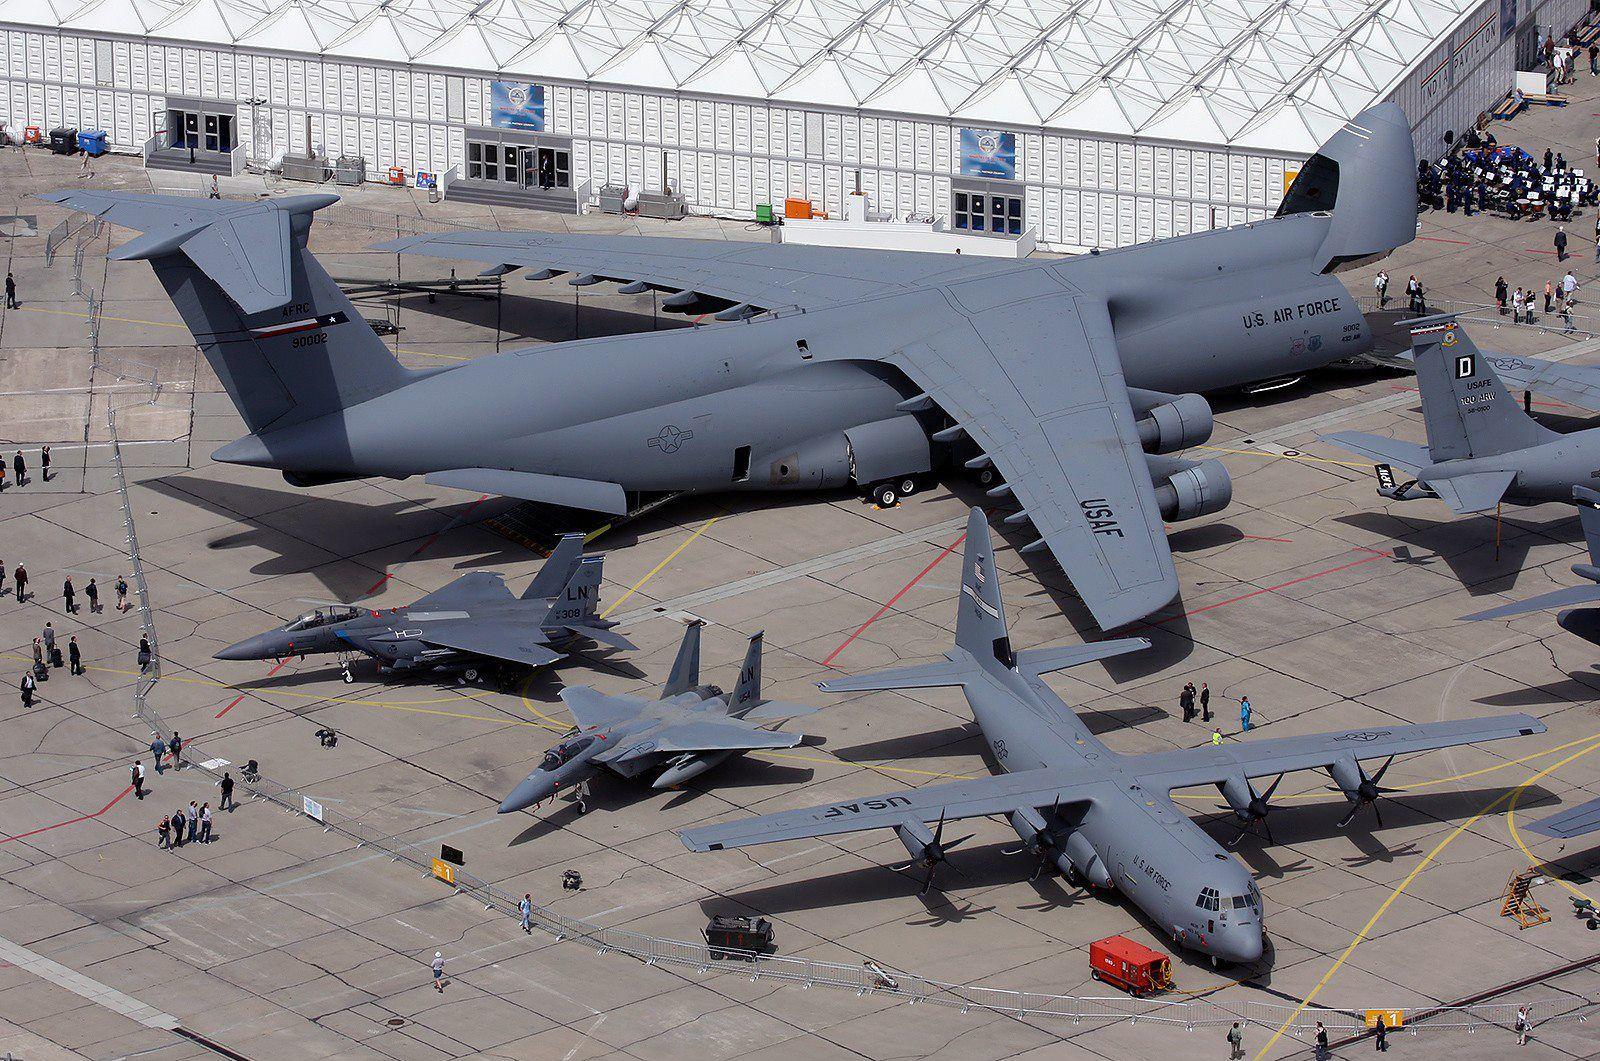 بالصور اكبر طائرة في العالم , طائرة ضخمة لن تصدق حجمها ! 3268 12